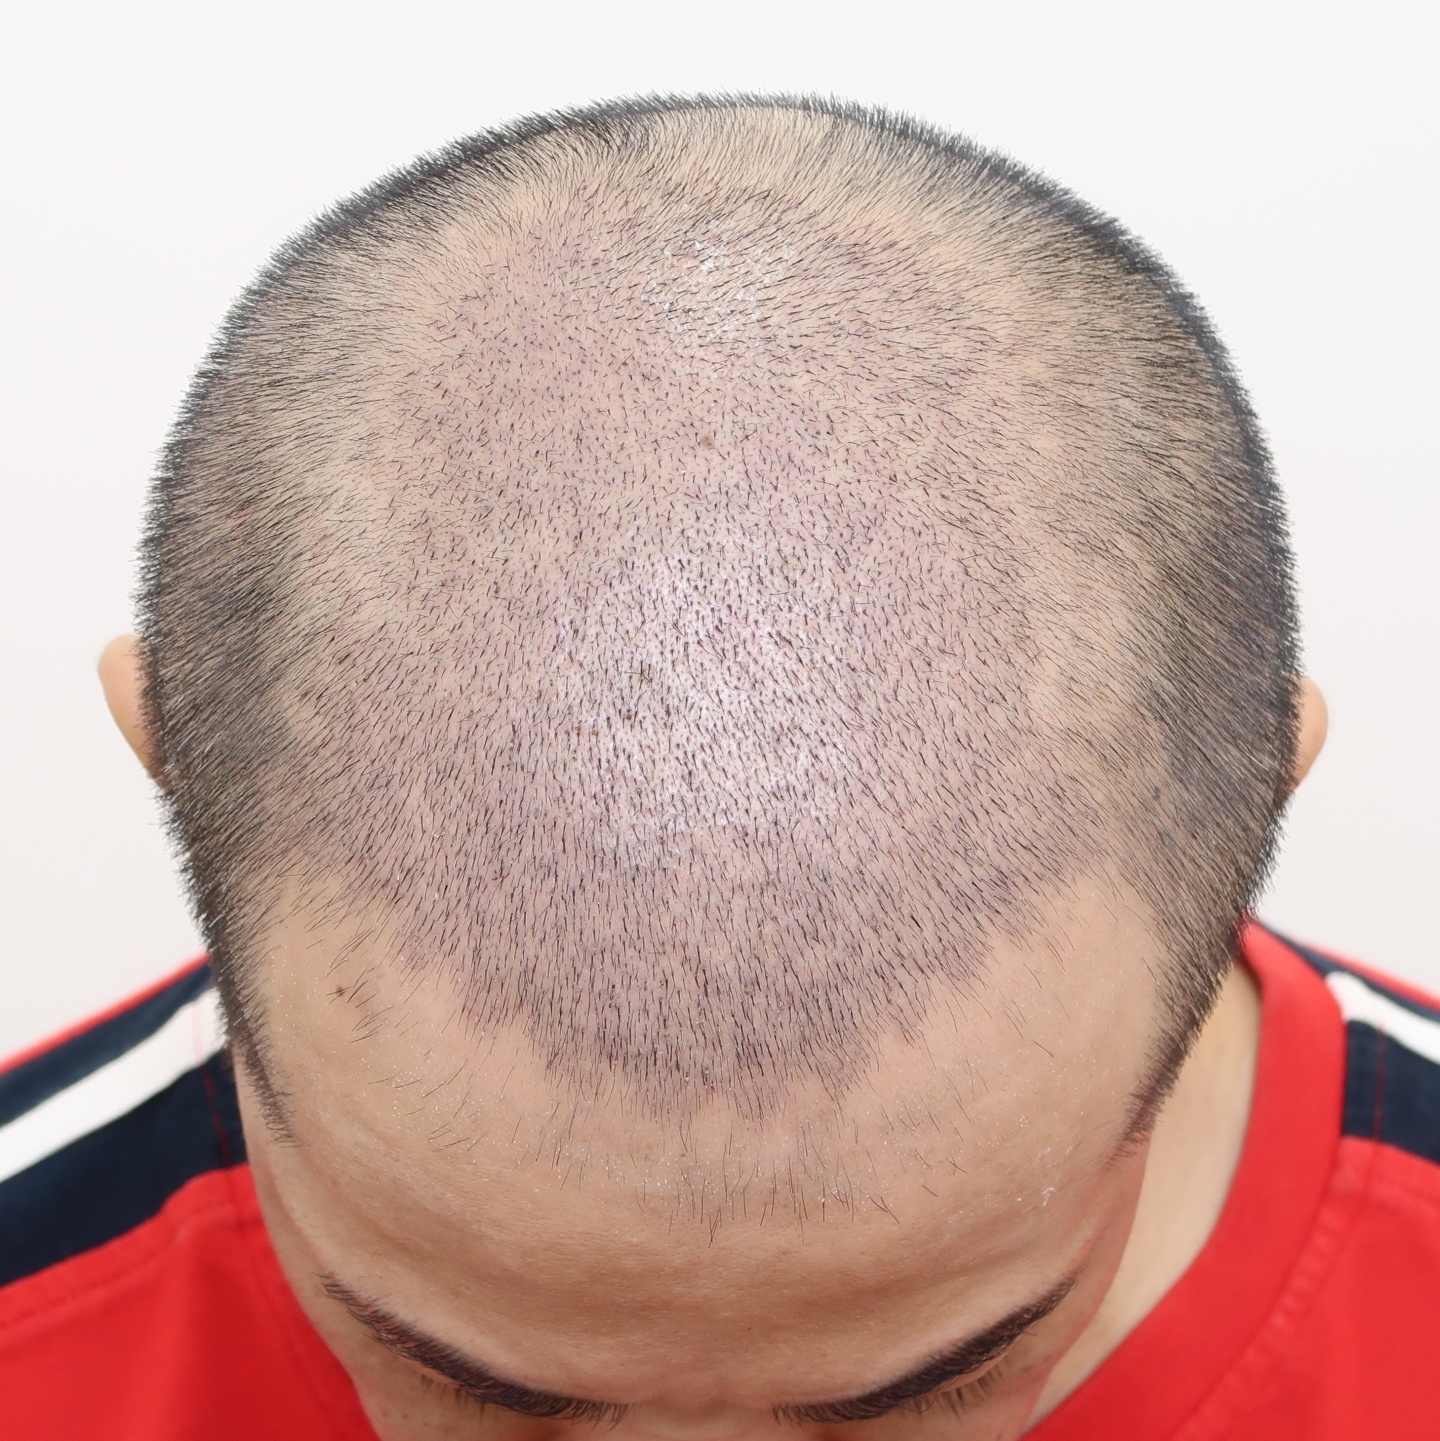 巨量植髮手術後十天(FUE植髮手術)